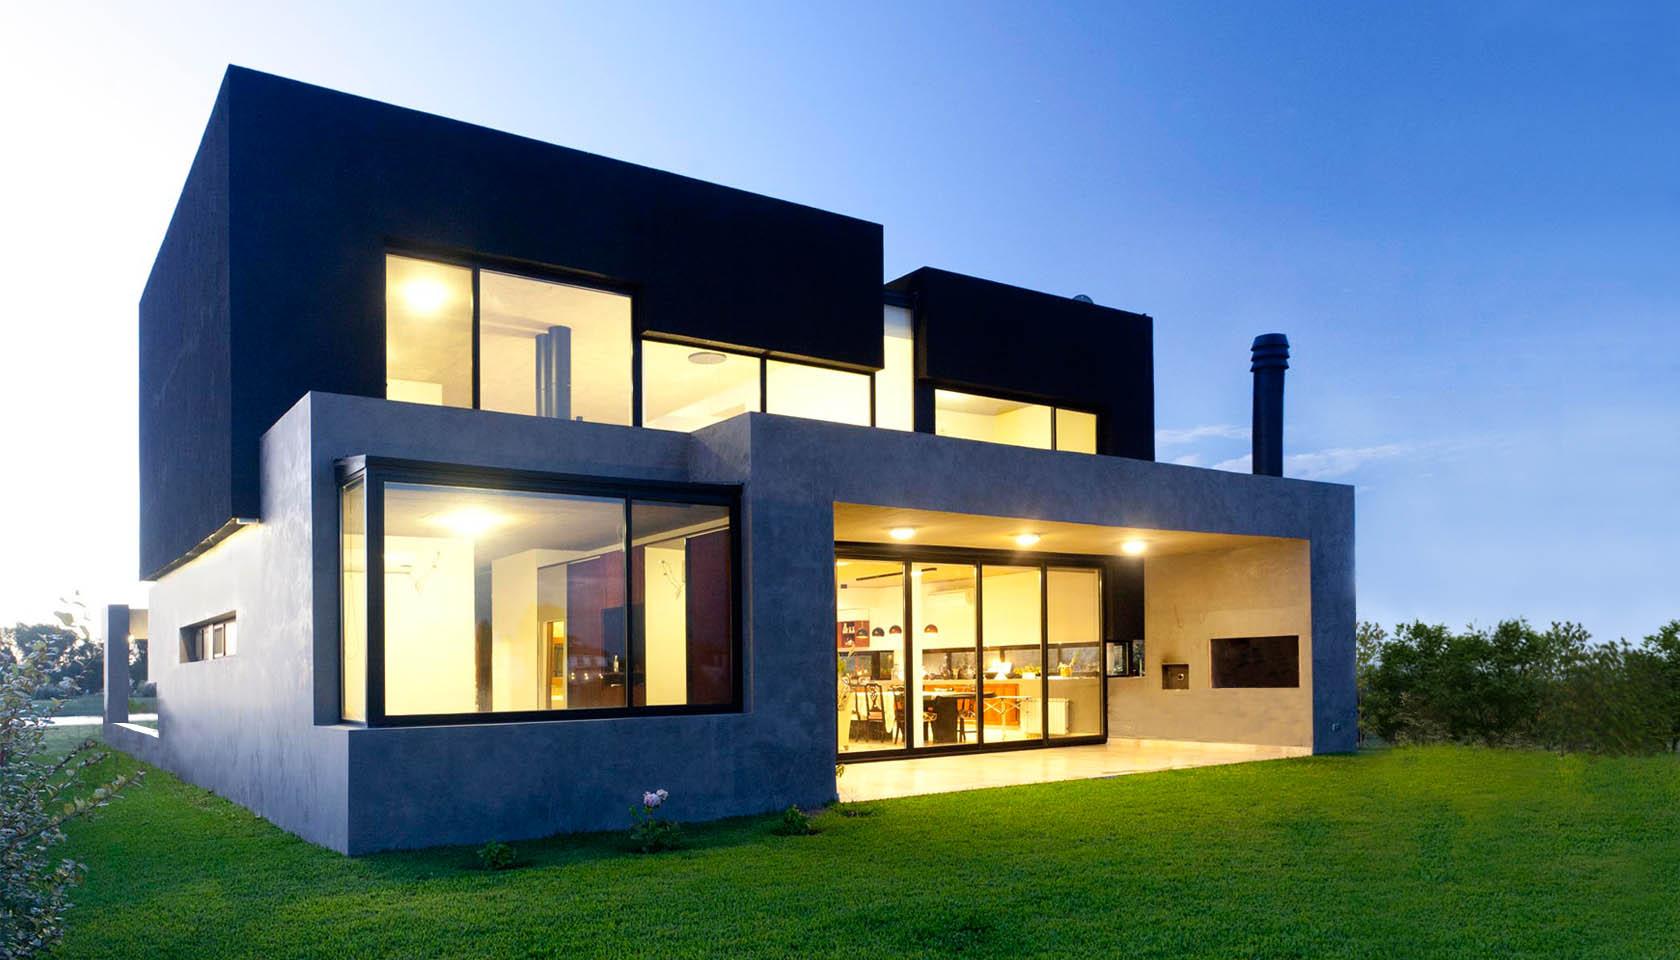 casas negras, fachadas de tarquini, parrillas en casas modernas